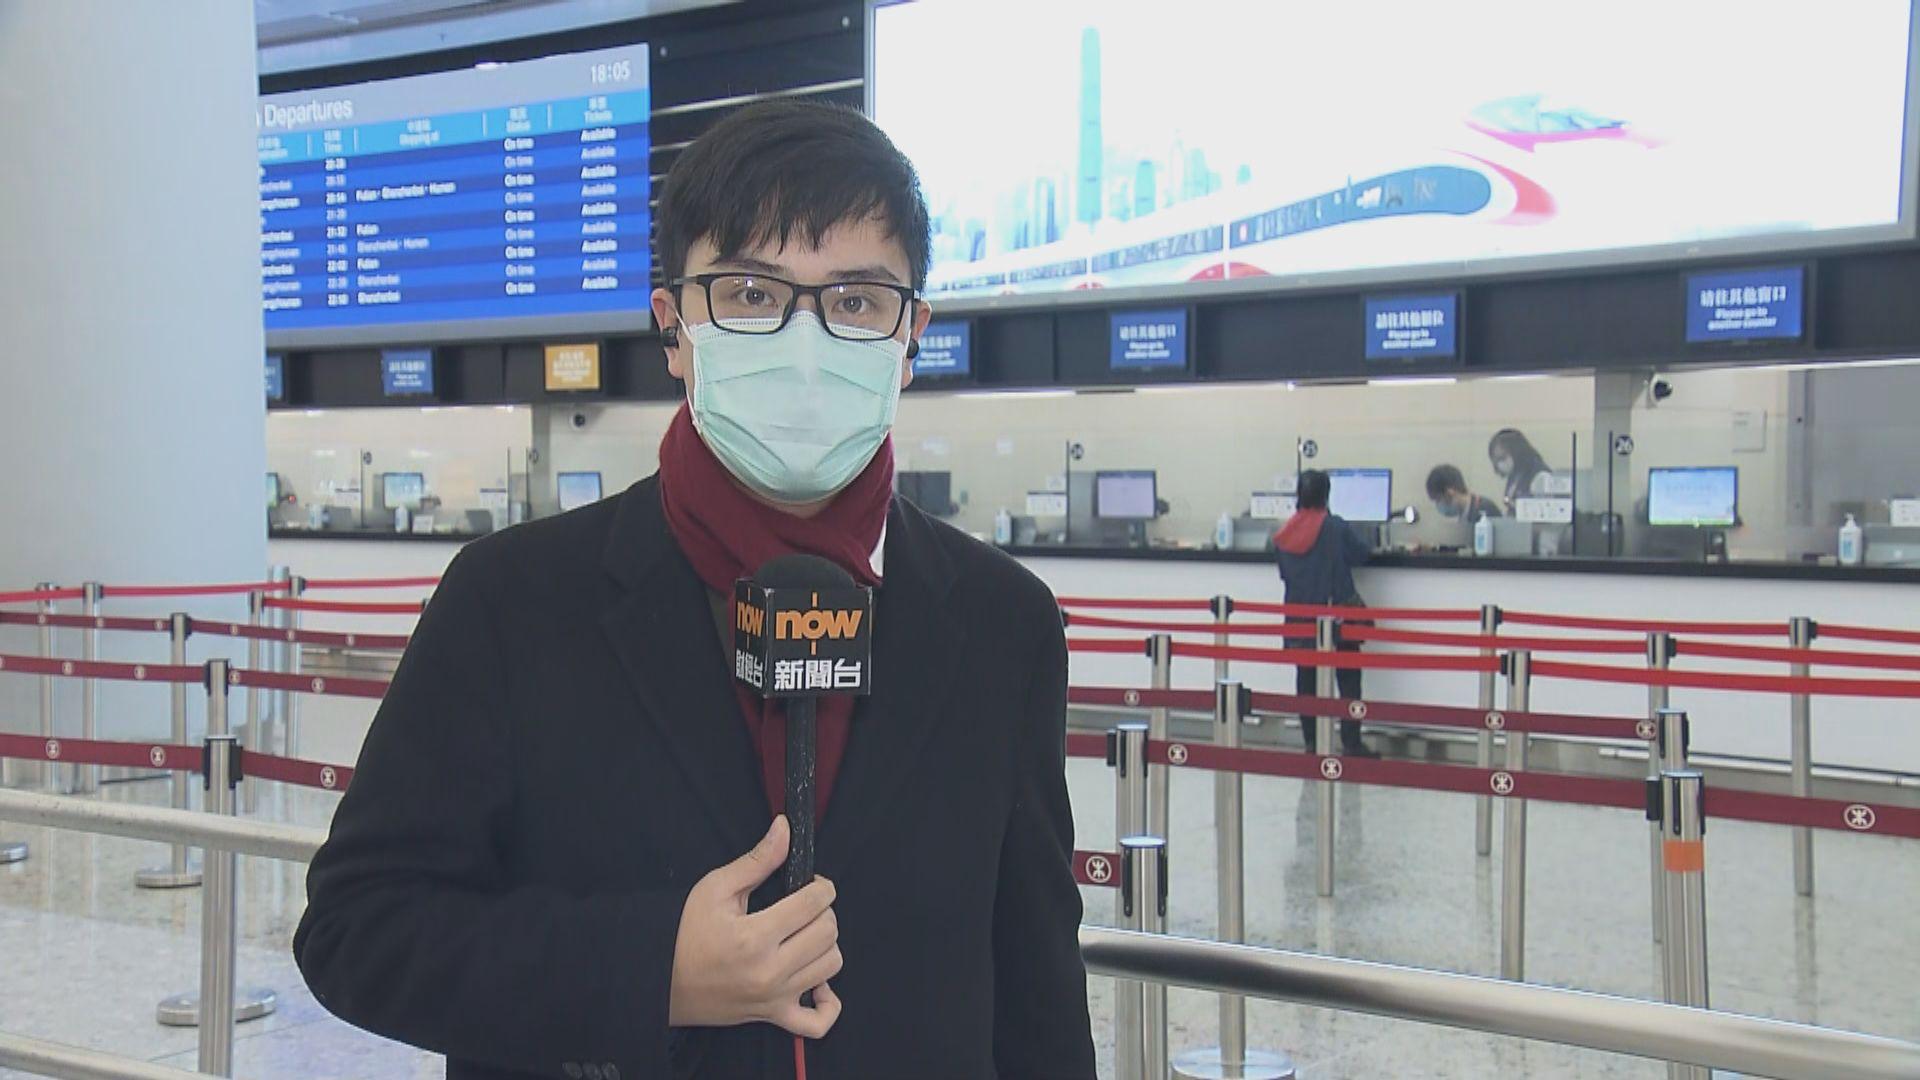 【現場報道】西九站周四凌晨關閉 辦理退票人數不多